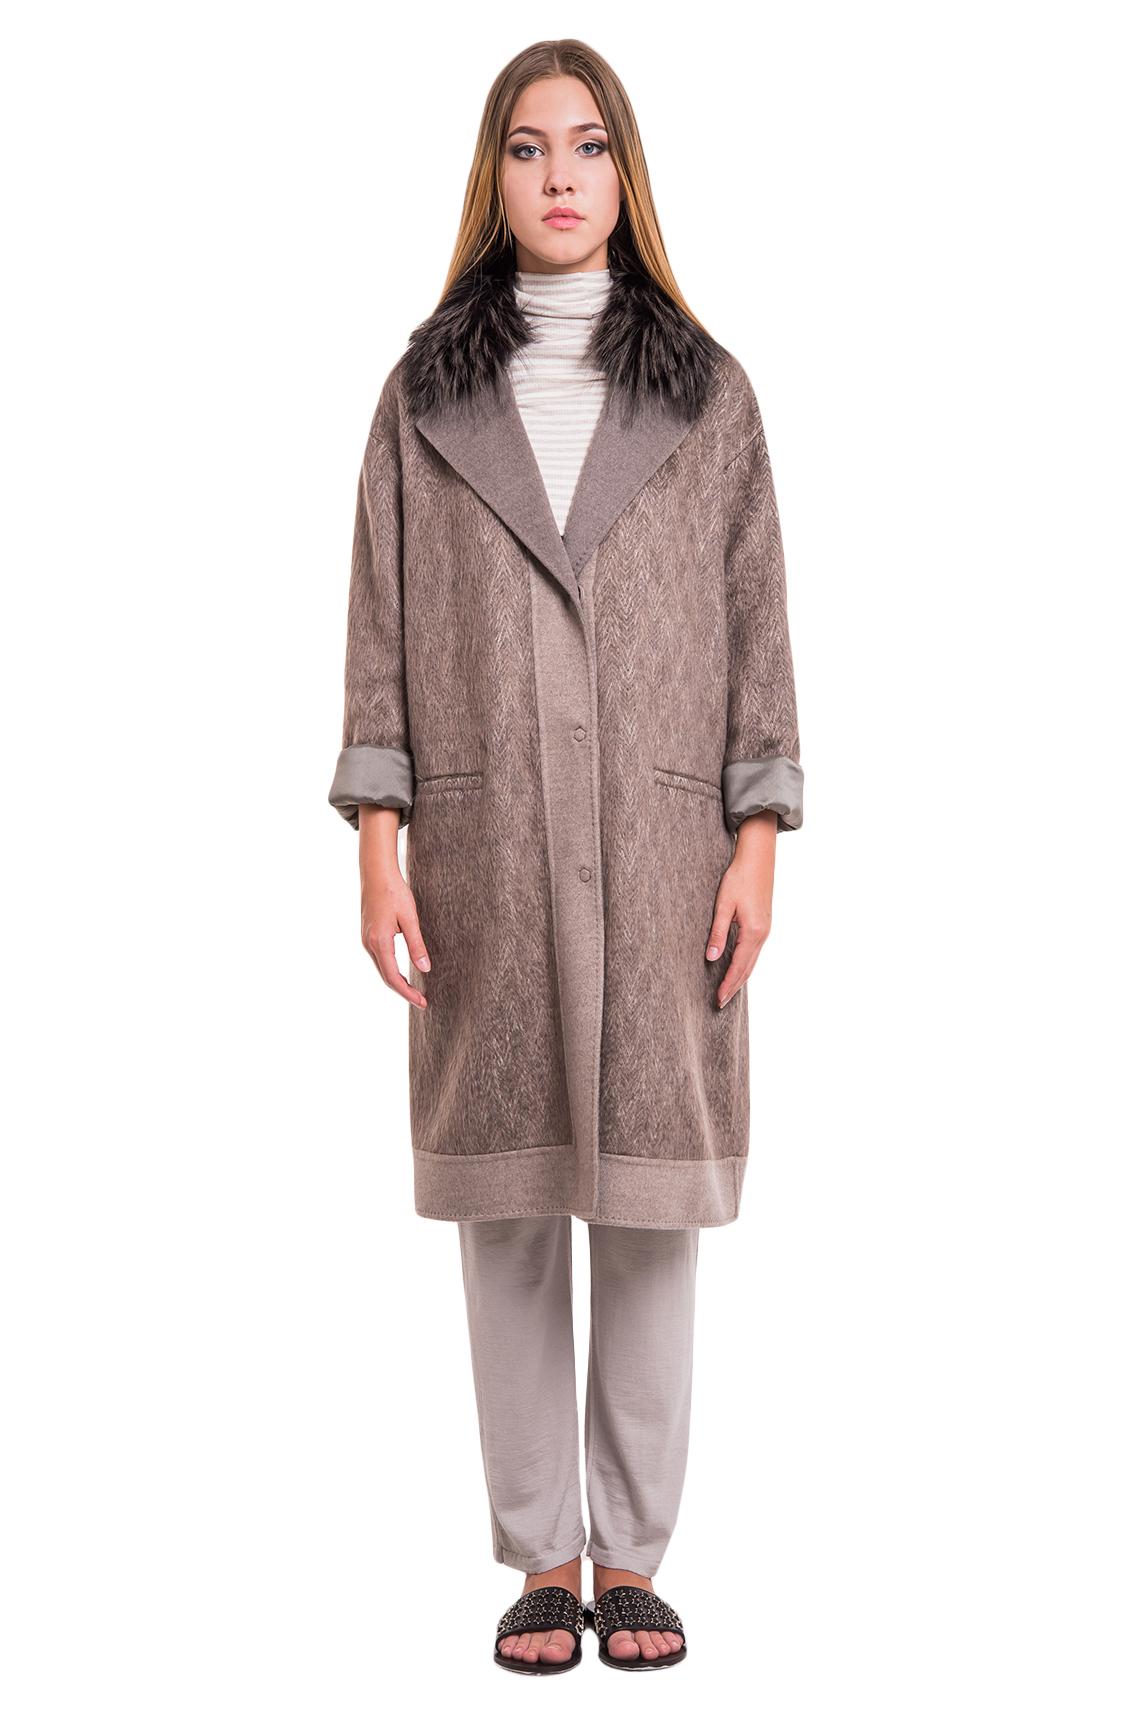 Пальто Manzoni24 кашемир/silver fox арт.17M110. Фото 1